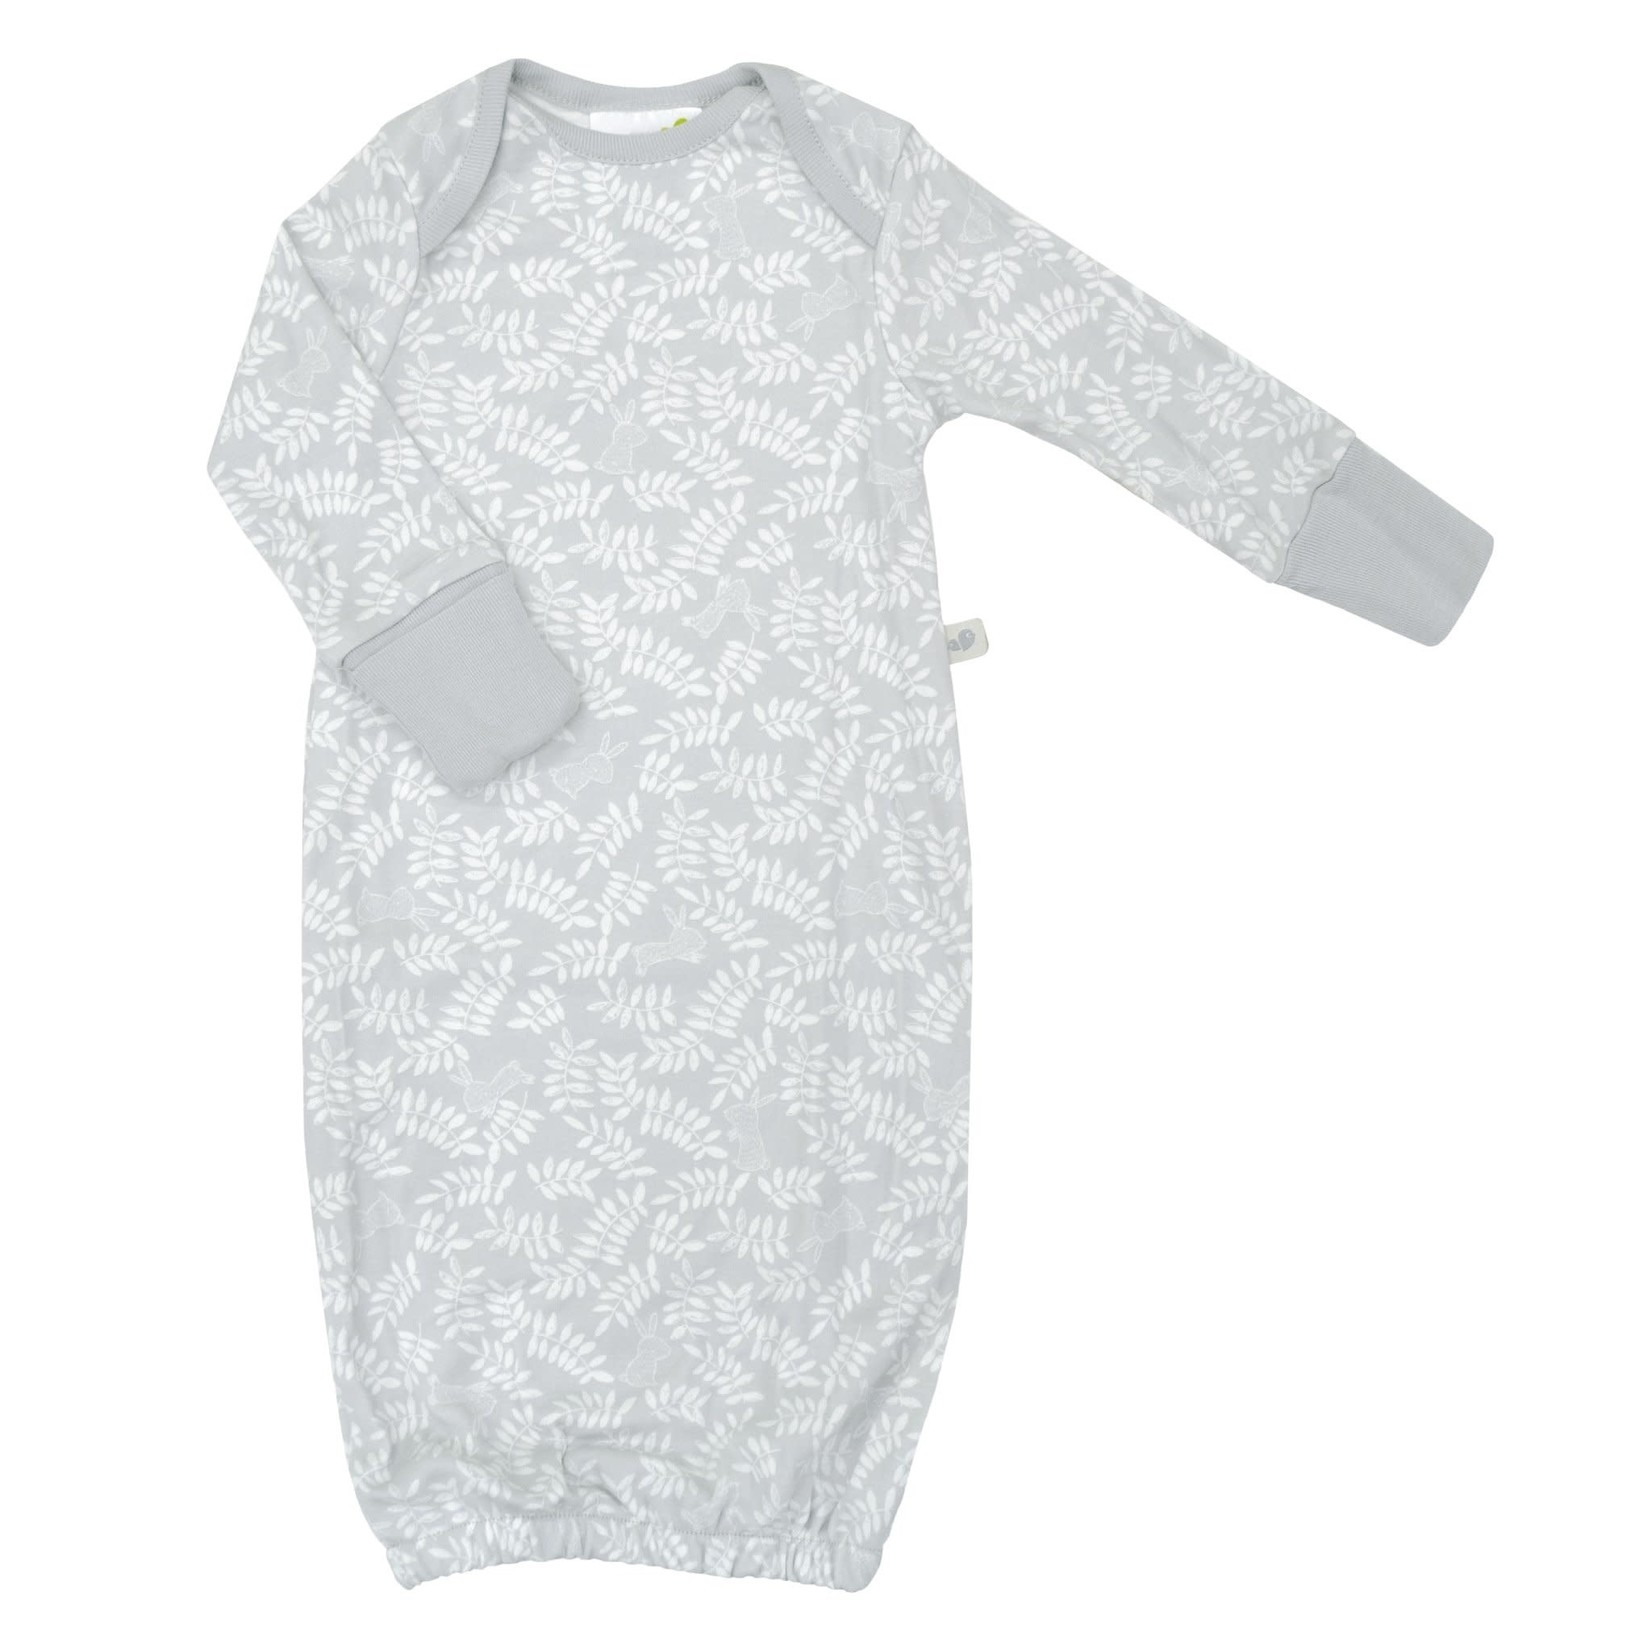 Bamboo Baby Nightgown - Rabbits - Newborn